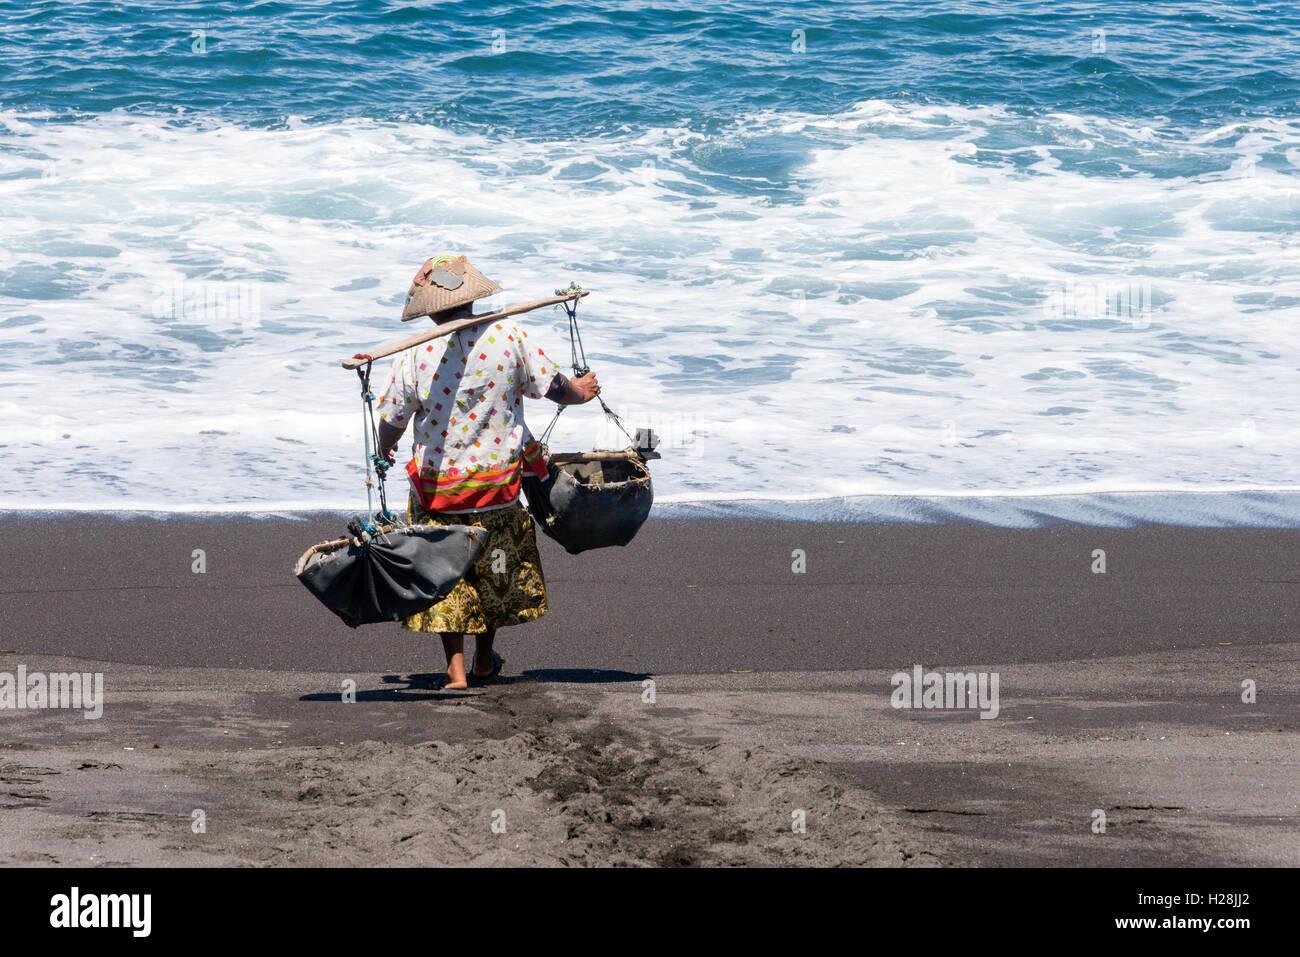 La donna che porta un teku teku-per la raccolta di acqua di mare che in seguito sarà spruzzato sulla sabbia Immagini Stock